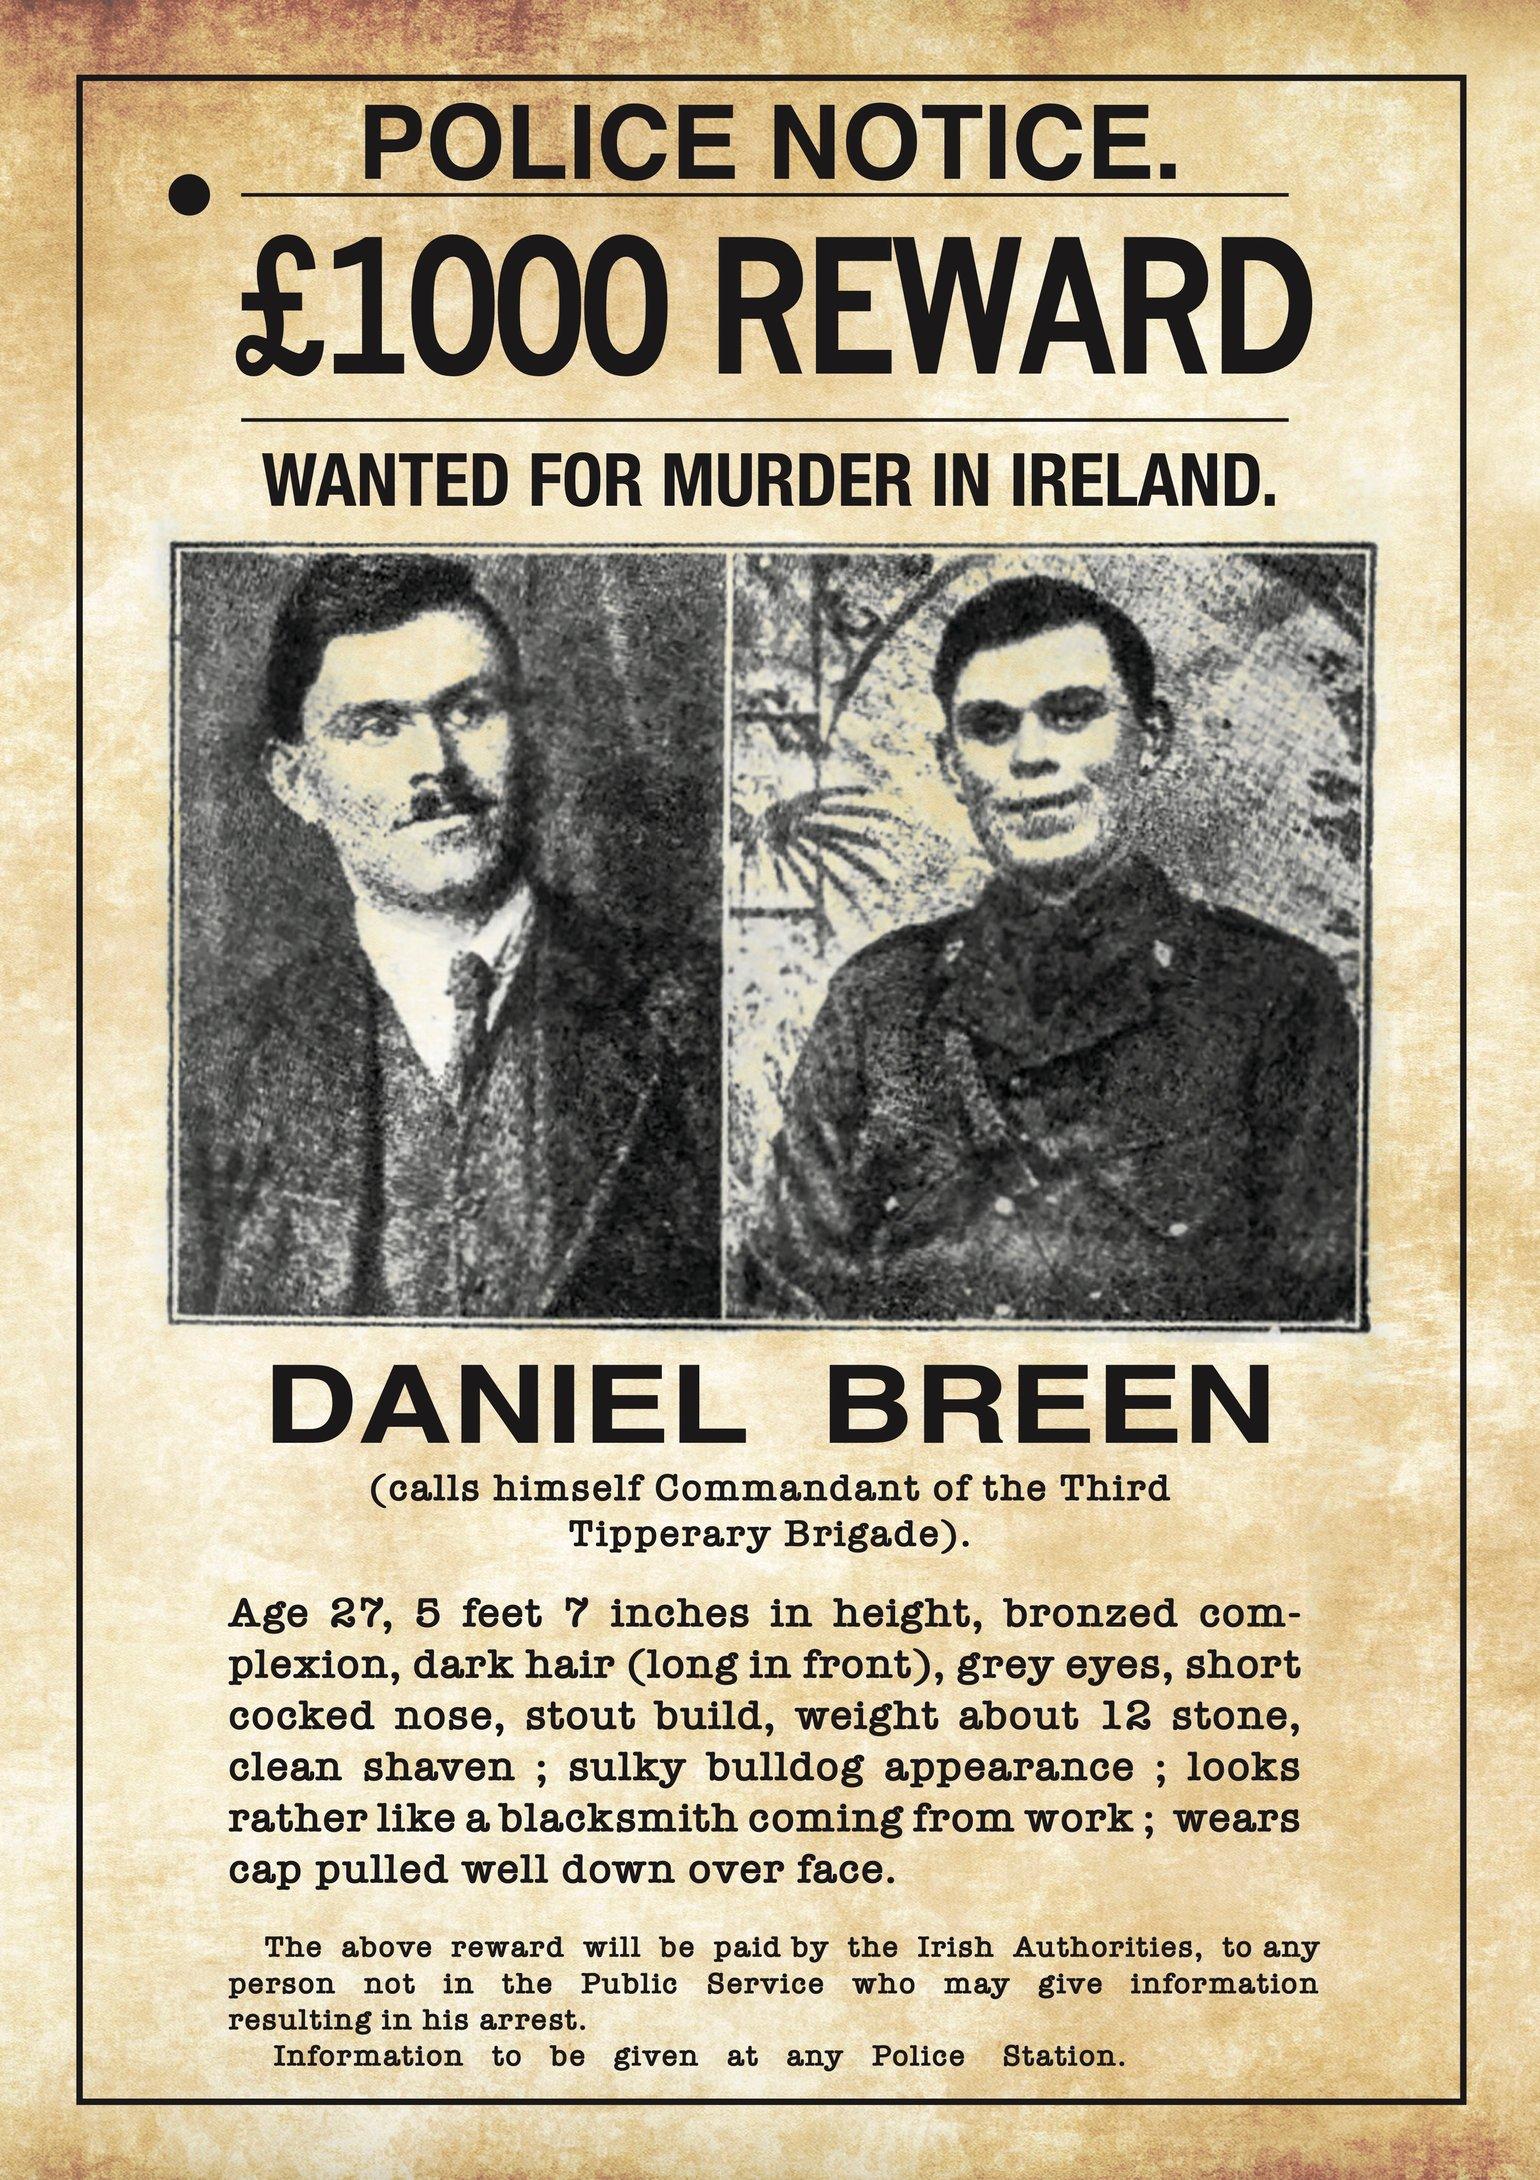 Image of Dan Breen Wanted Poster